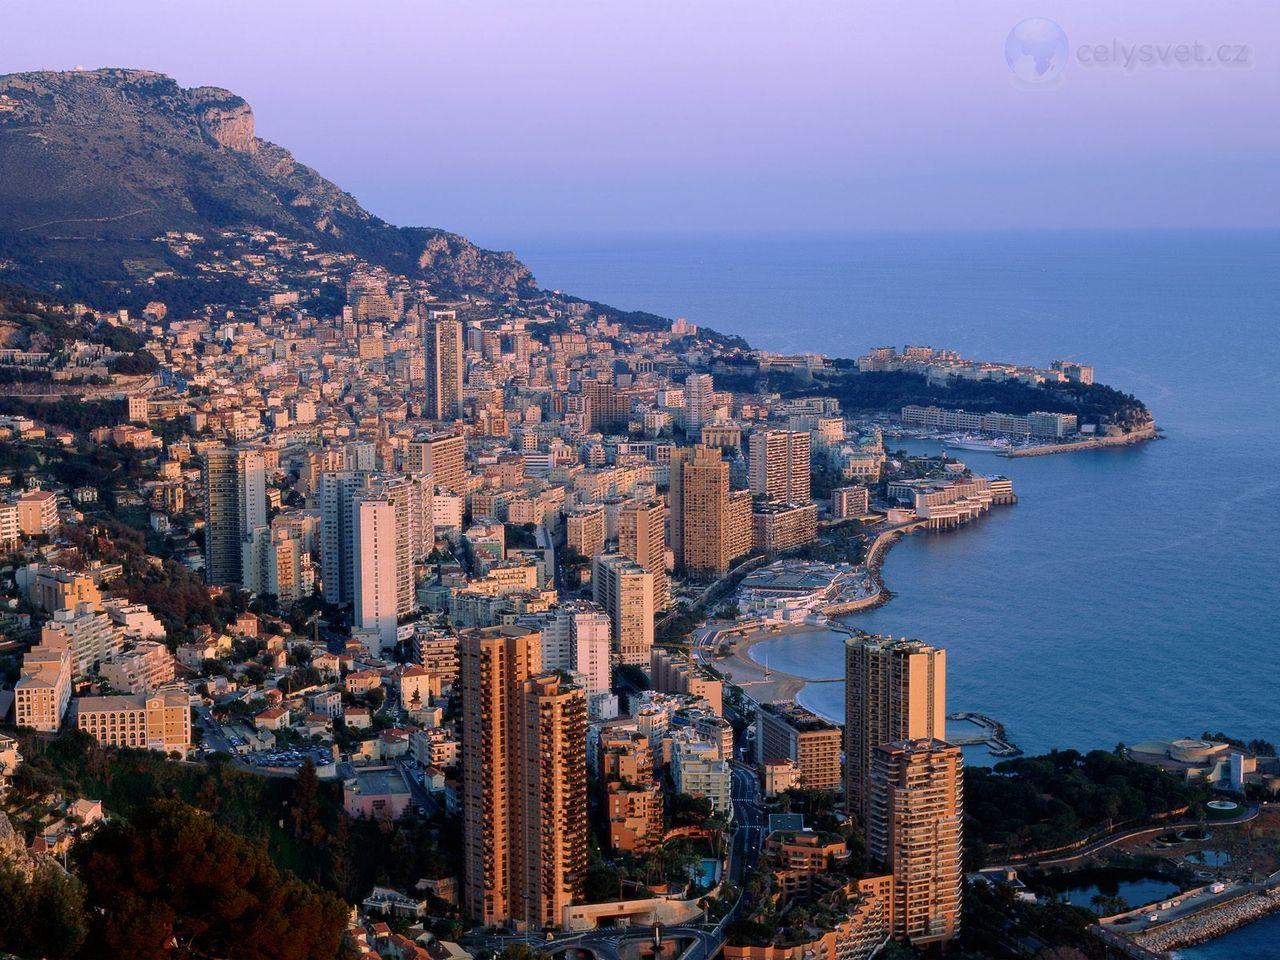 фото монте карло.монако